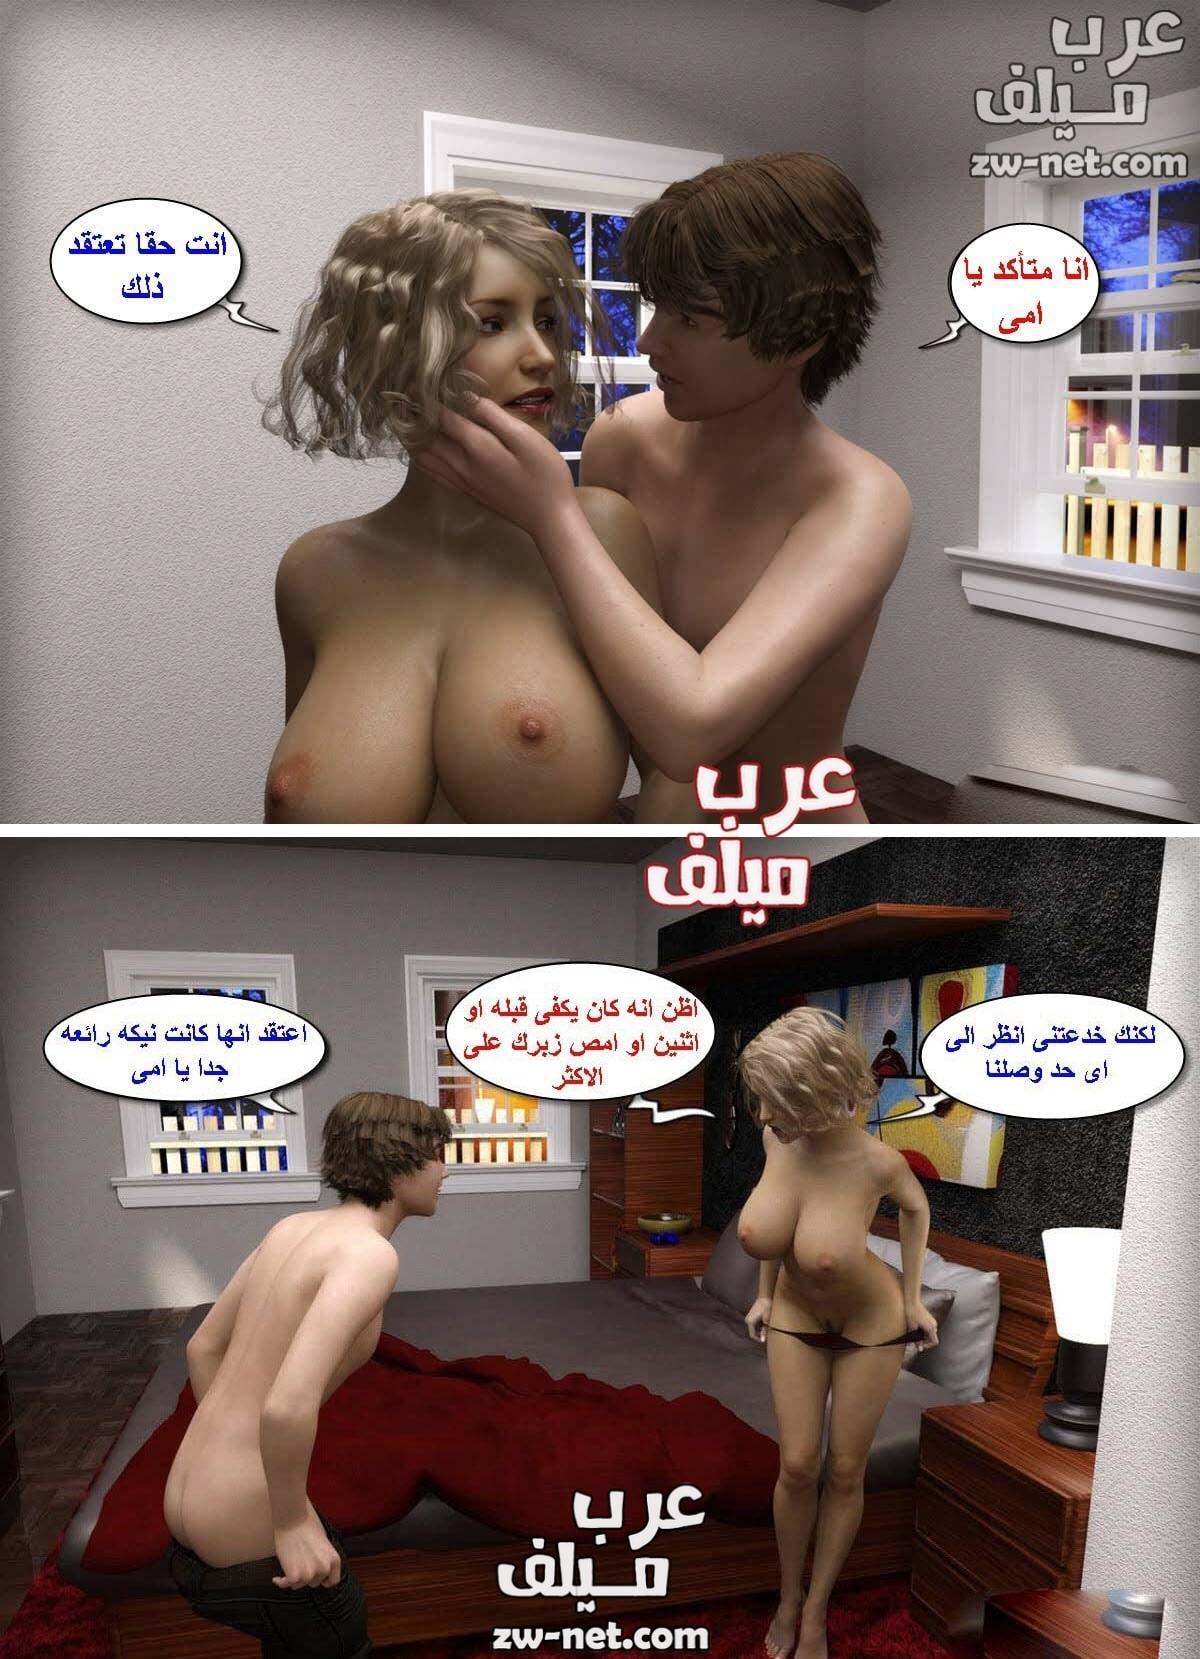 صور سكس مصورة روايات جنسية